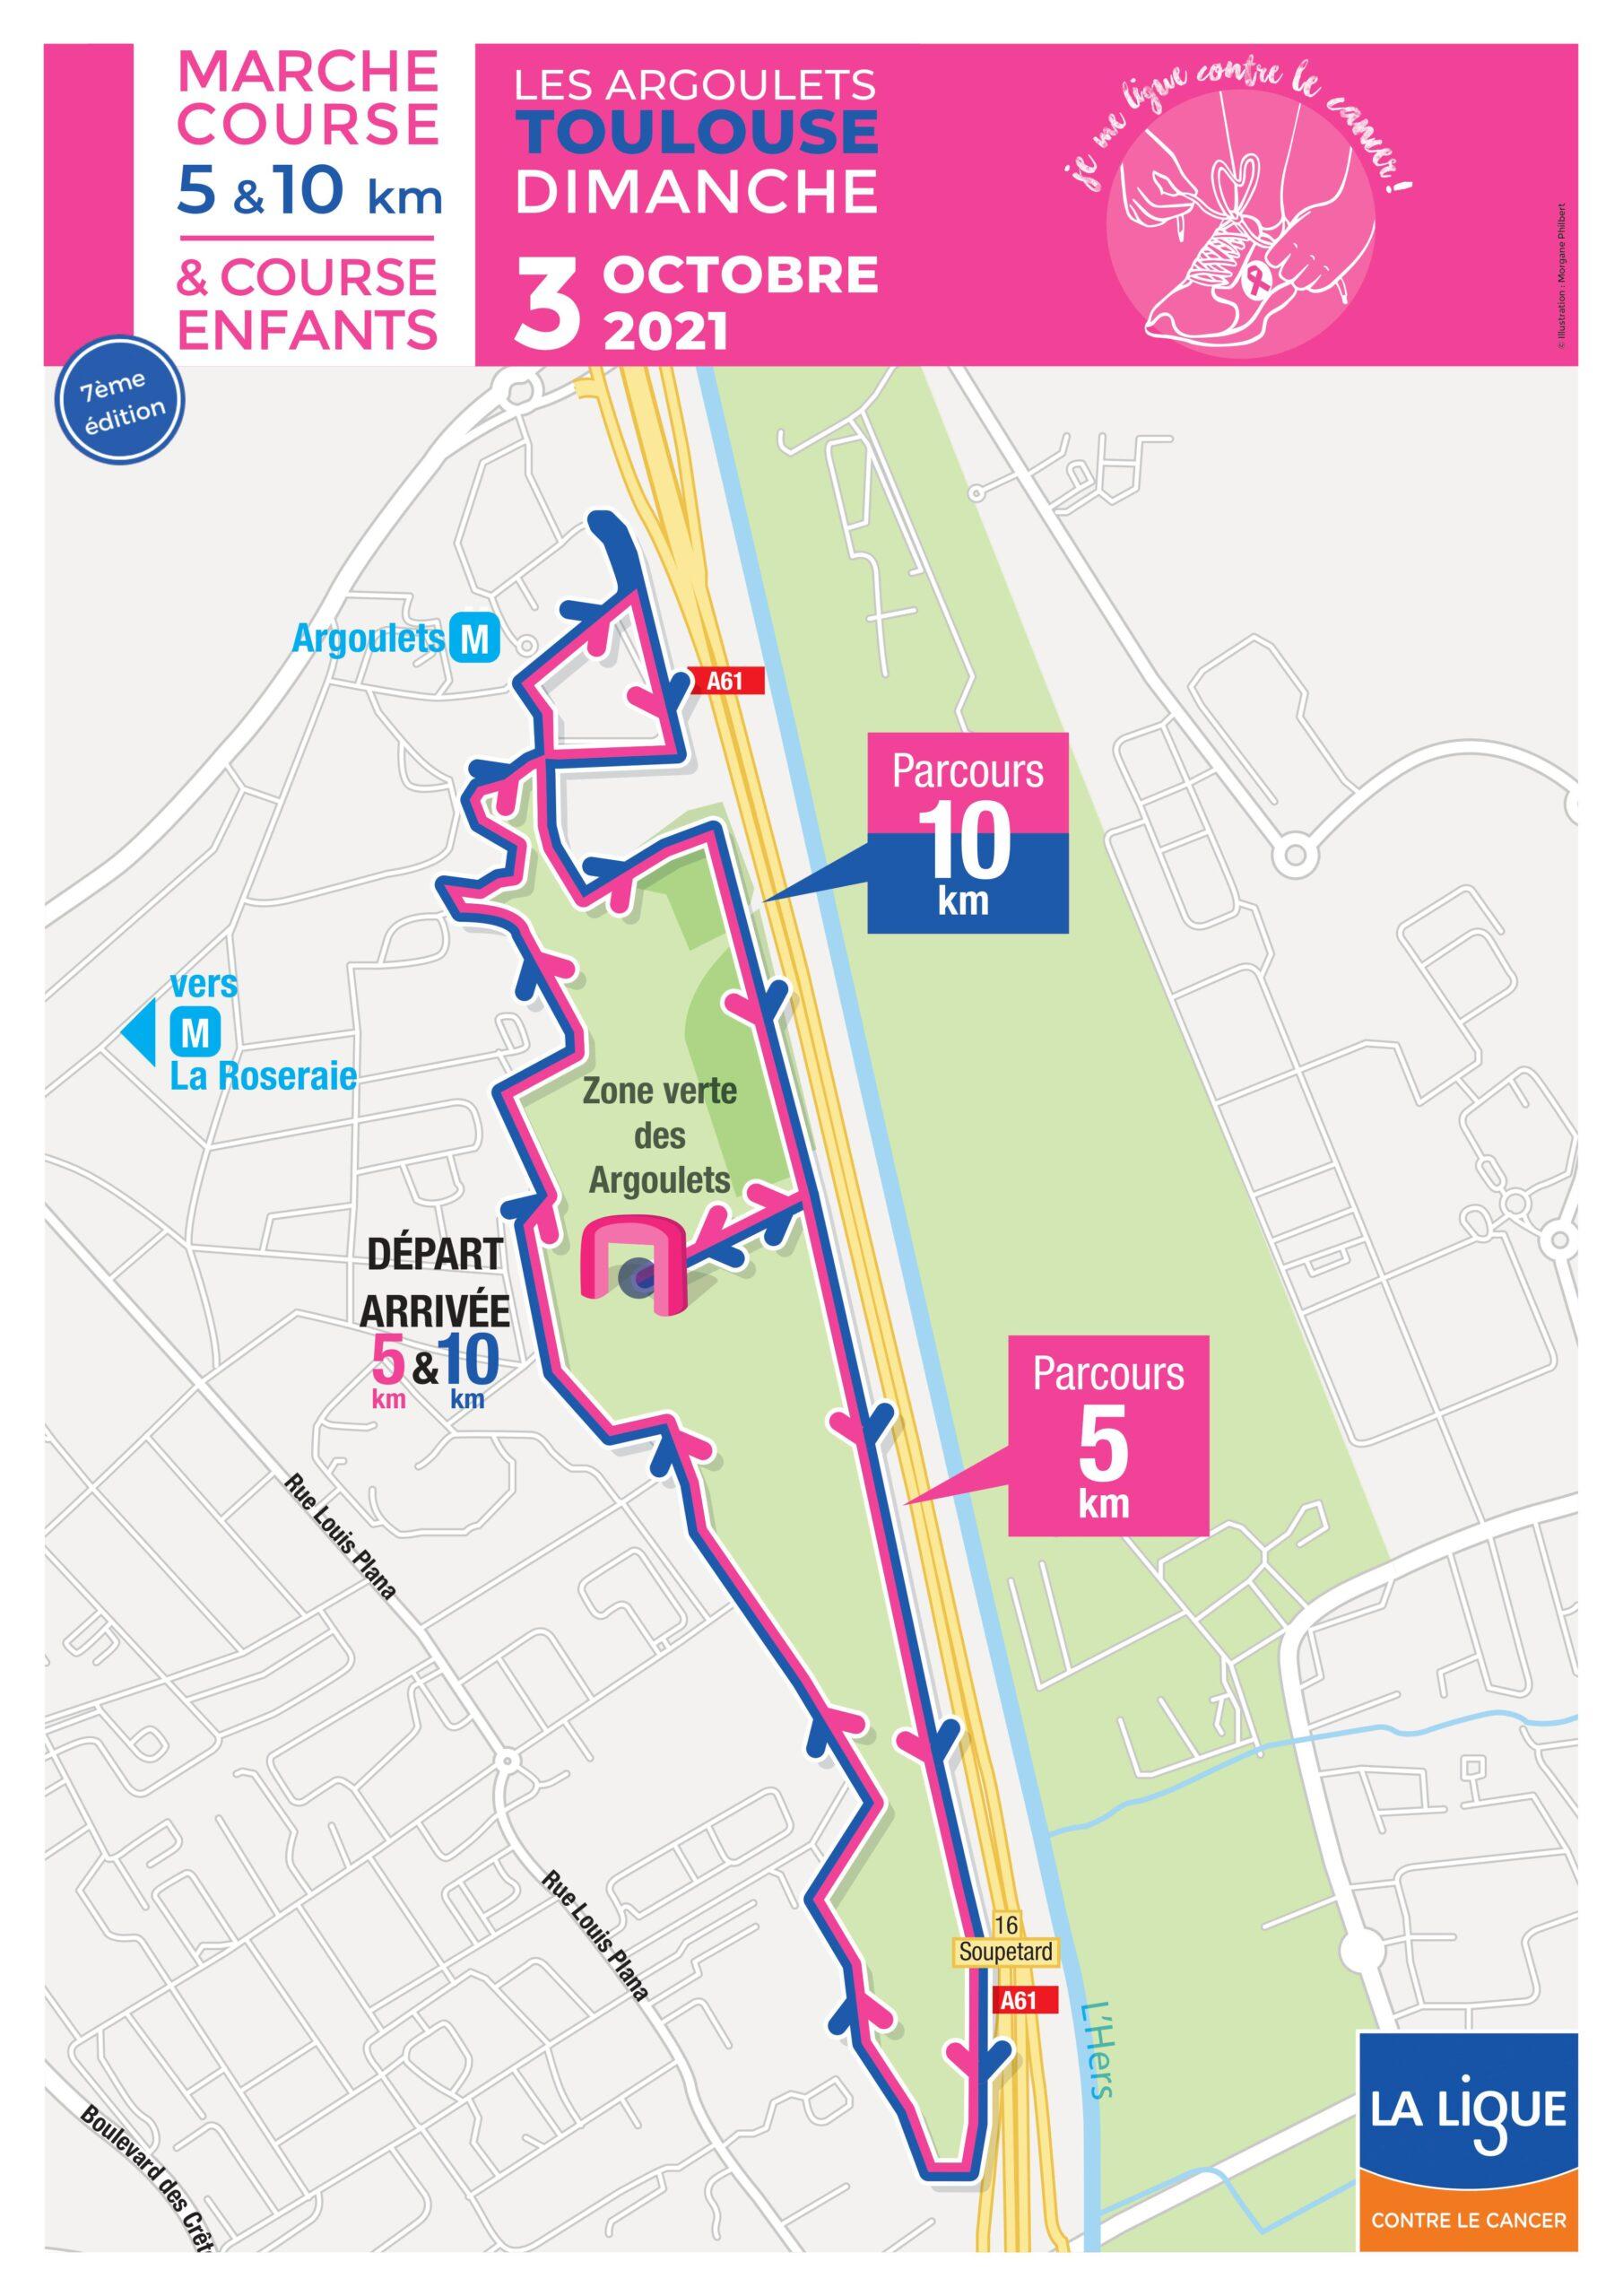 Parcours 5 km et 10 km - course je me ligue contre le cancer 2021